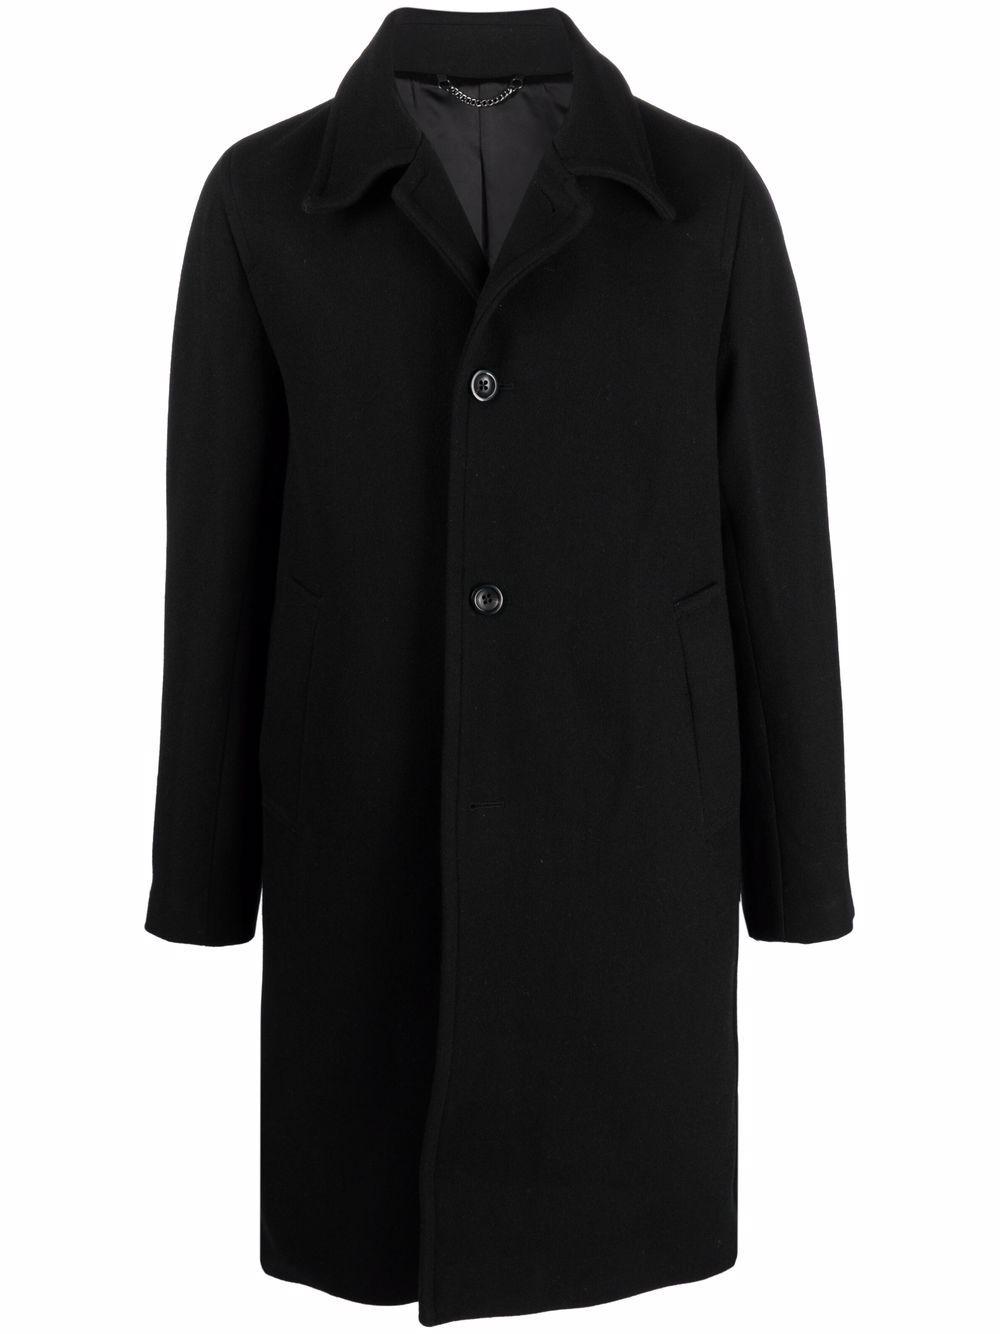 rovey coat man black in wool DRIES VAN NOTEN | Coats | ROVEY 3354900